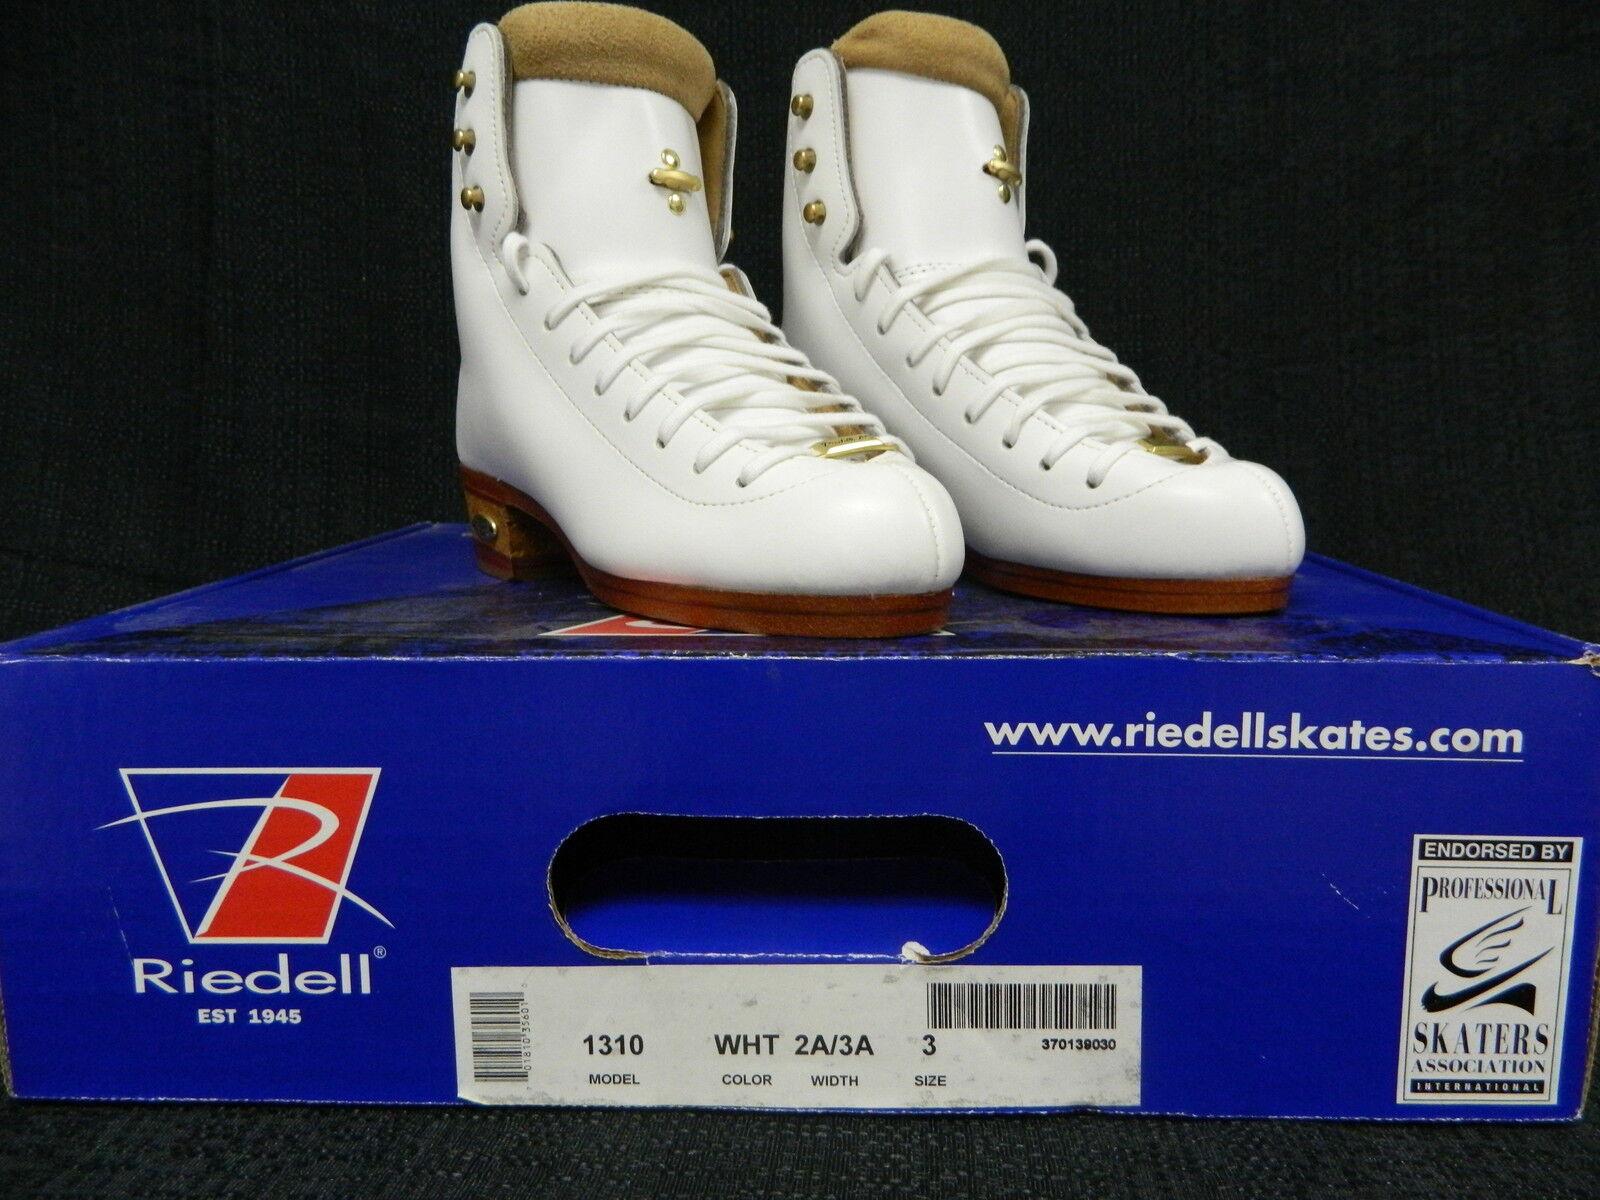 Riedell model 1310 3 AA AAA